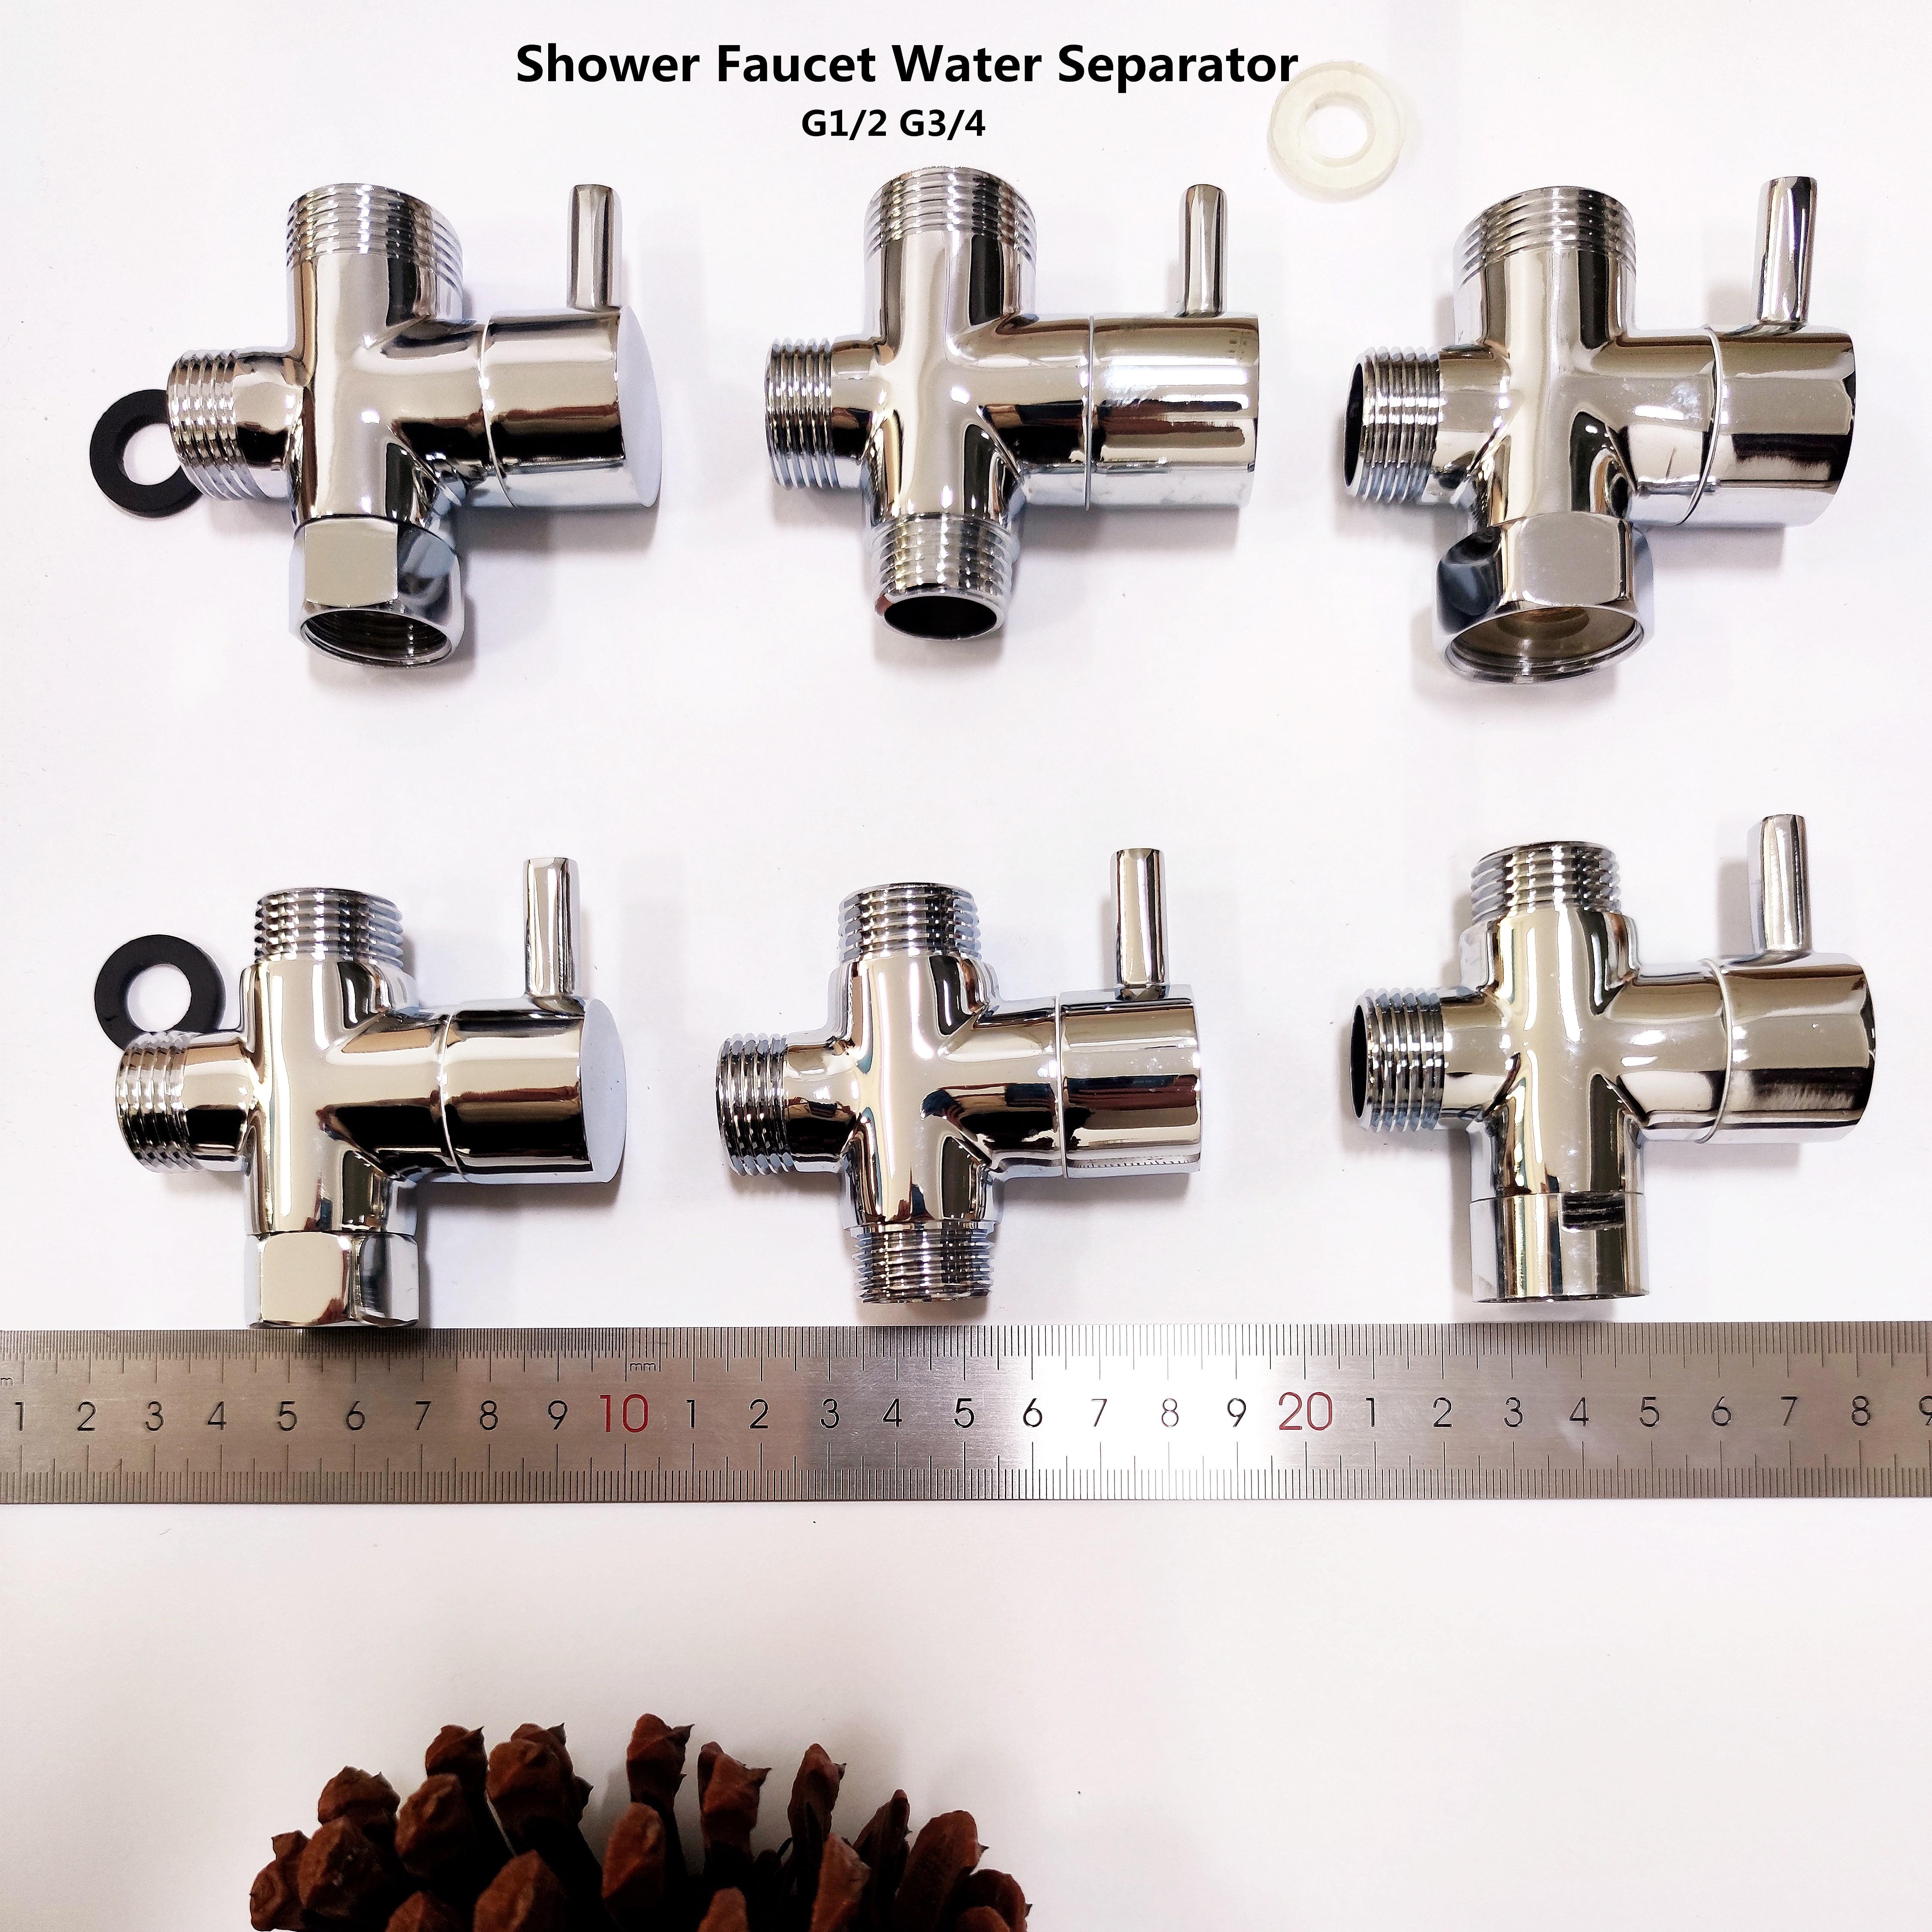 Медный душевой делитель воды, смеситель для душа, трехходовой водяной клапан, водоотделитель, распылитель, переключатель сопла, один два соединения, конвертер|Смесители для душа|   | АлиЭкспресс